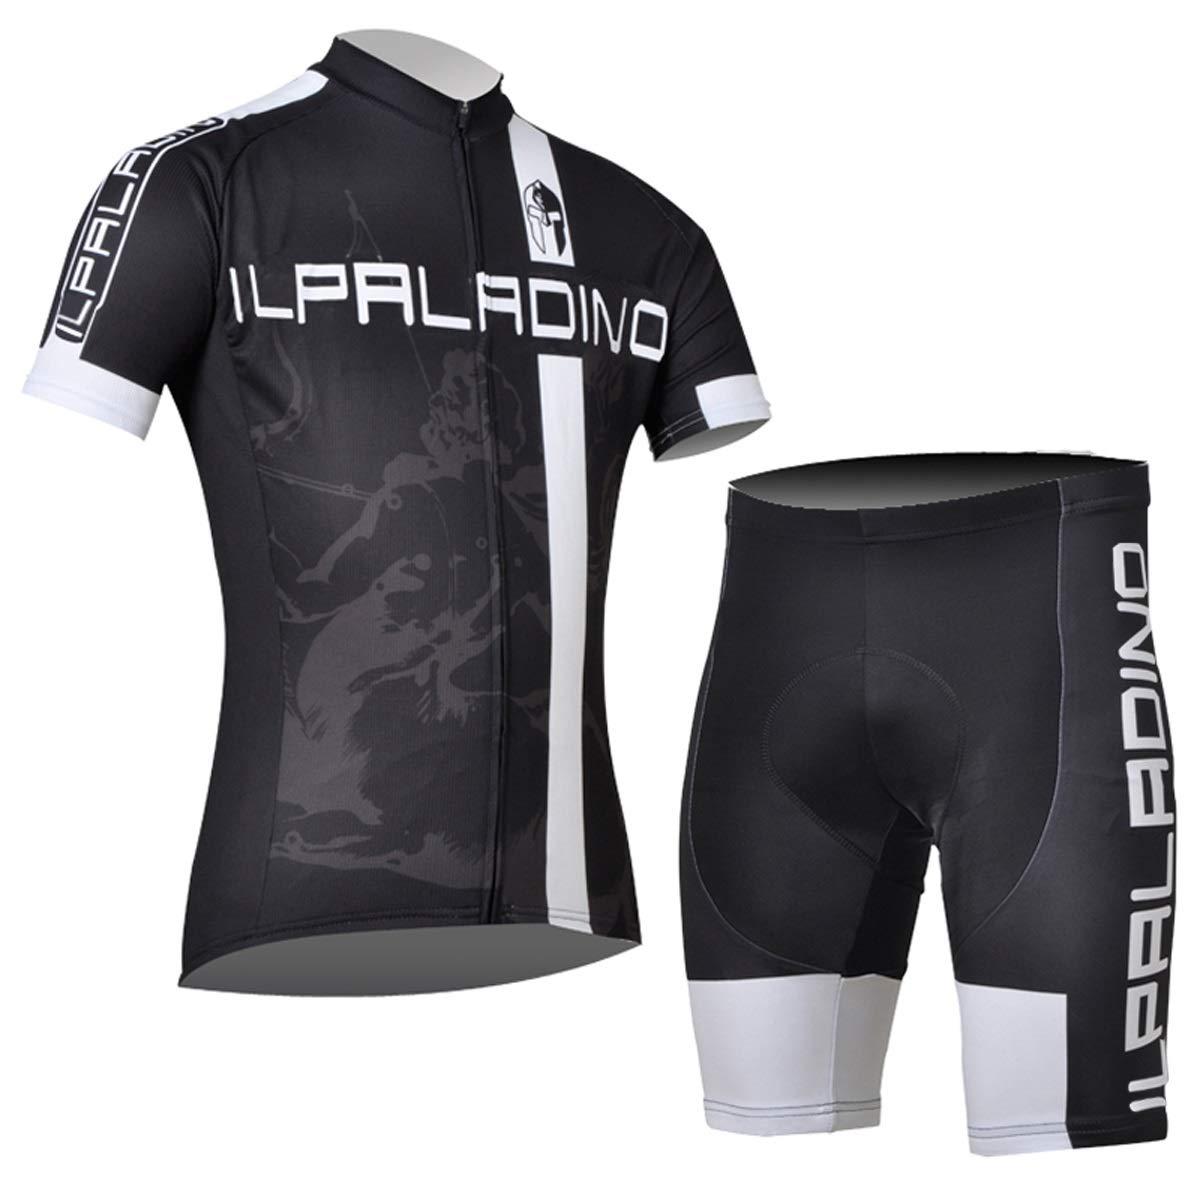 Fahrrad Reitanzug Mountainbike Sommer Herren Radsport Uniformen Großhandel Kurzarm Anzüge Leicht Fahrradtrikot LPLHJD